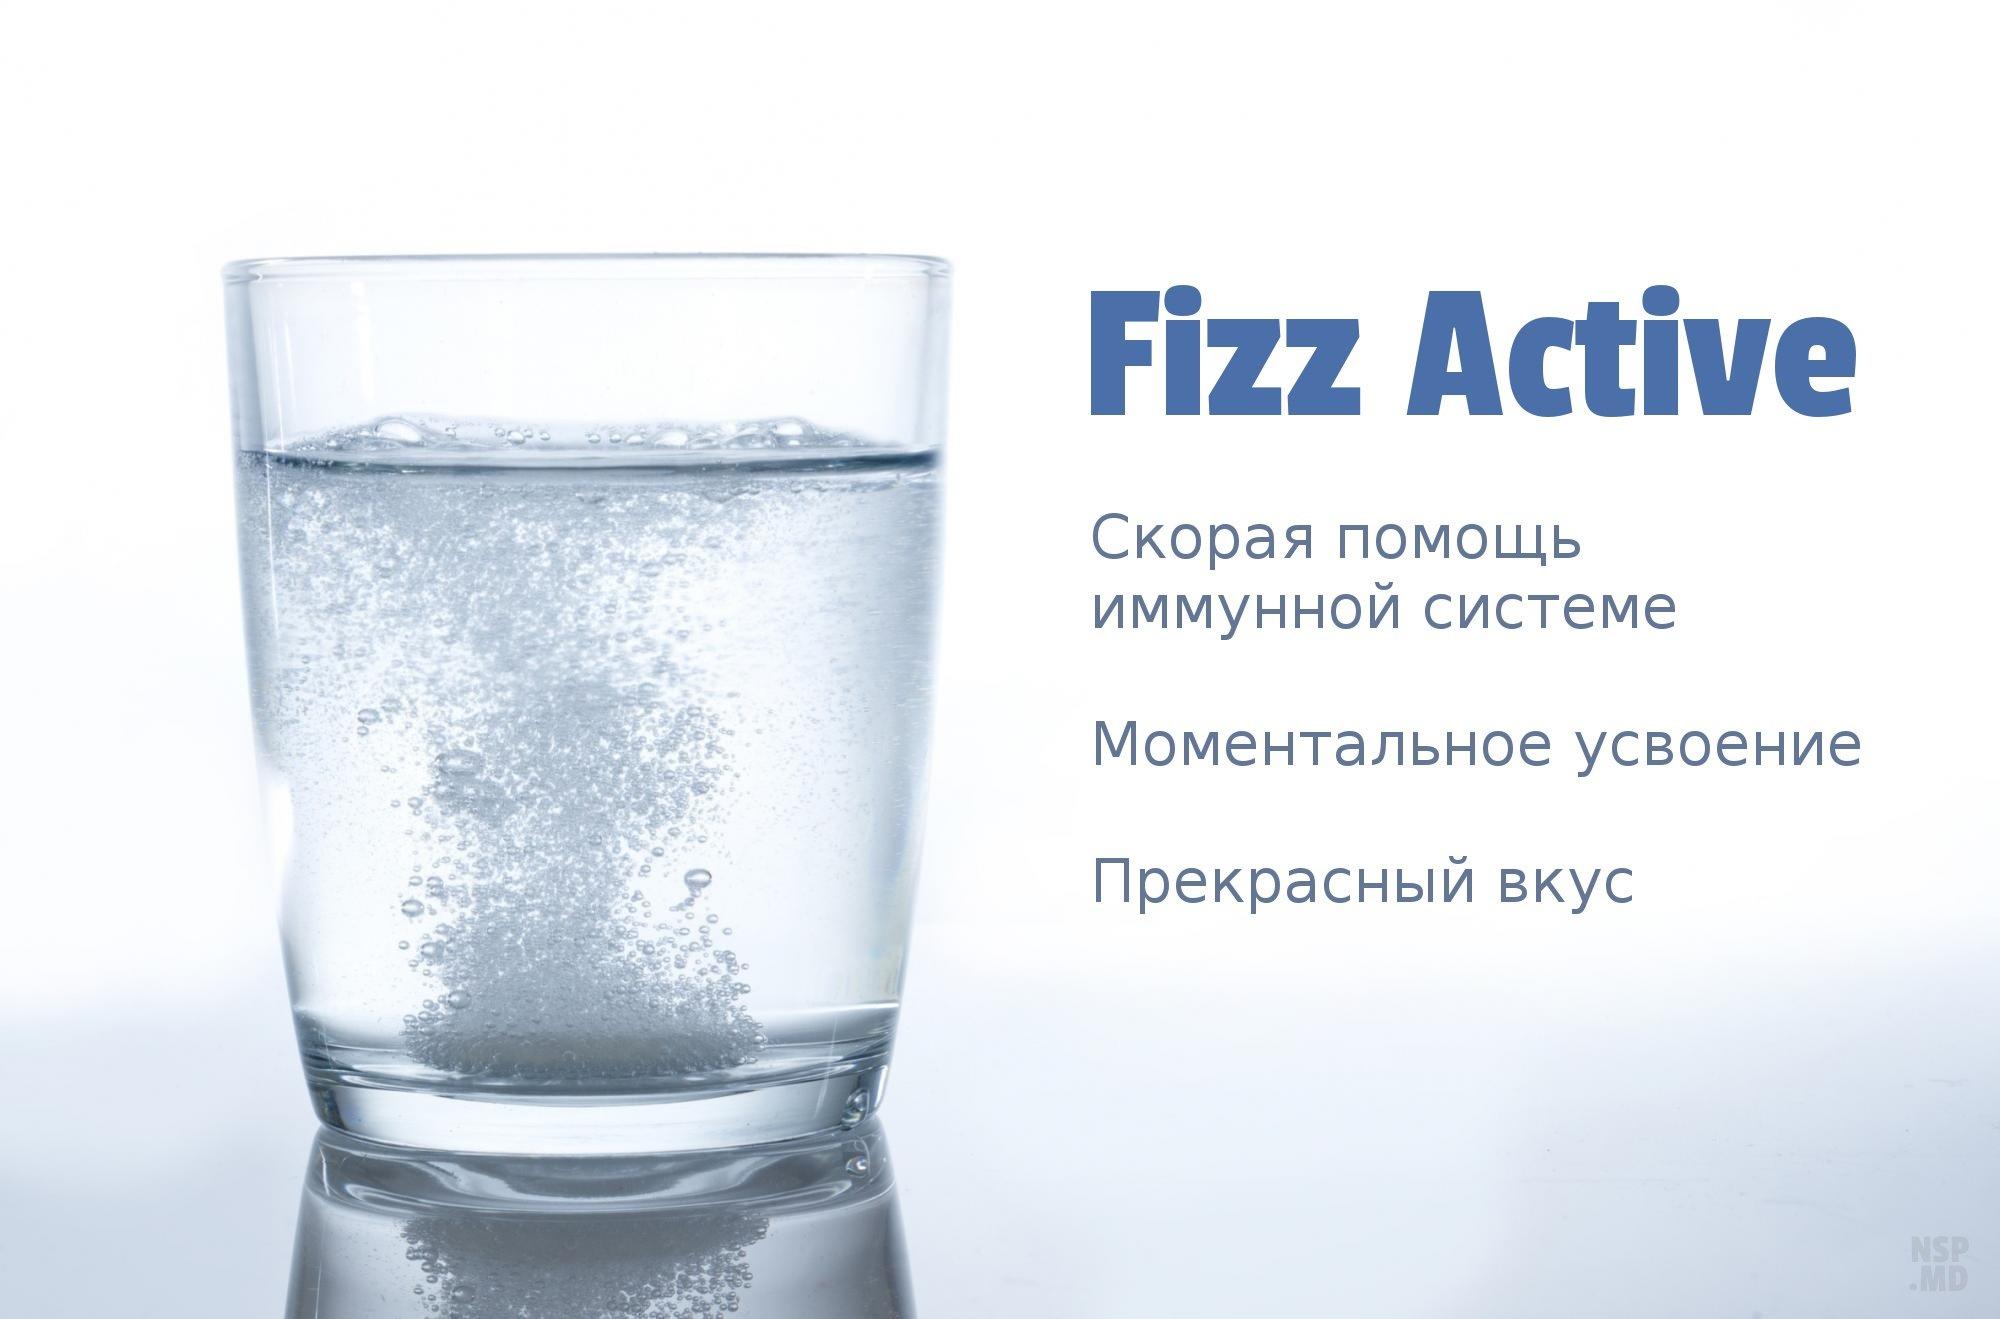 физ актив нсп